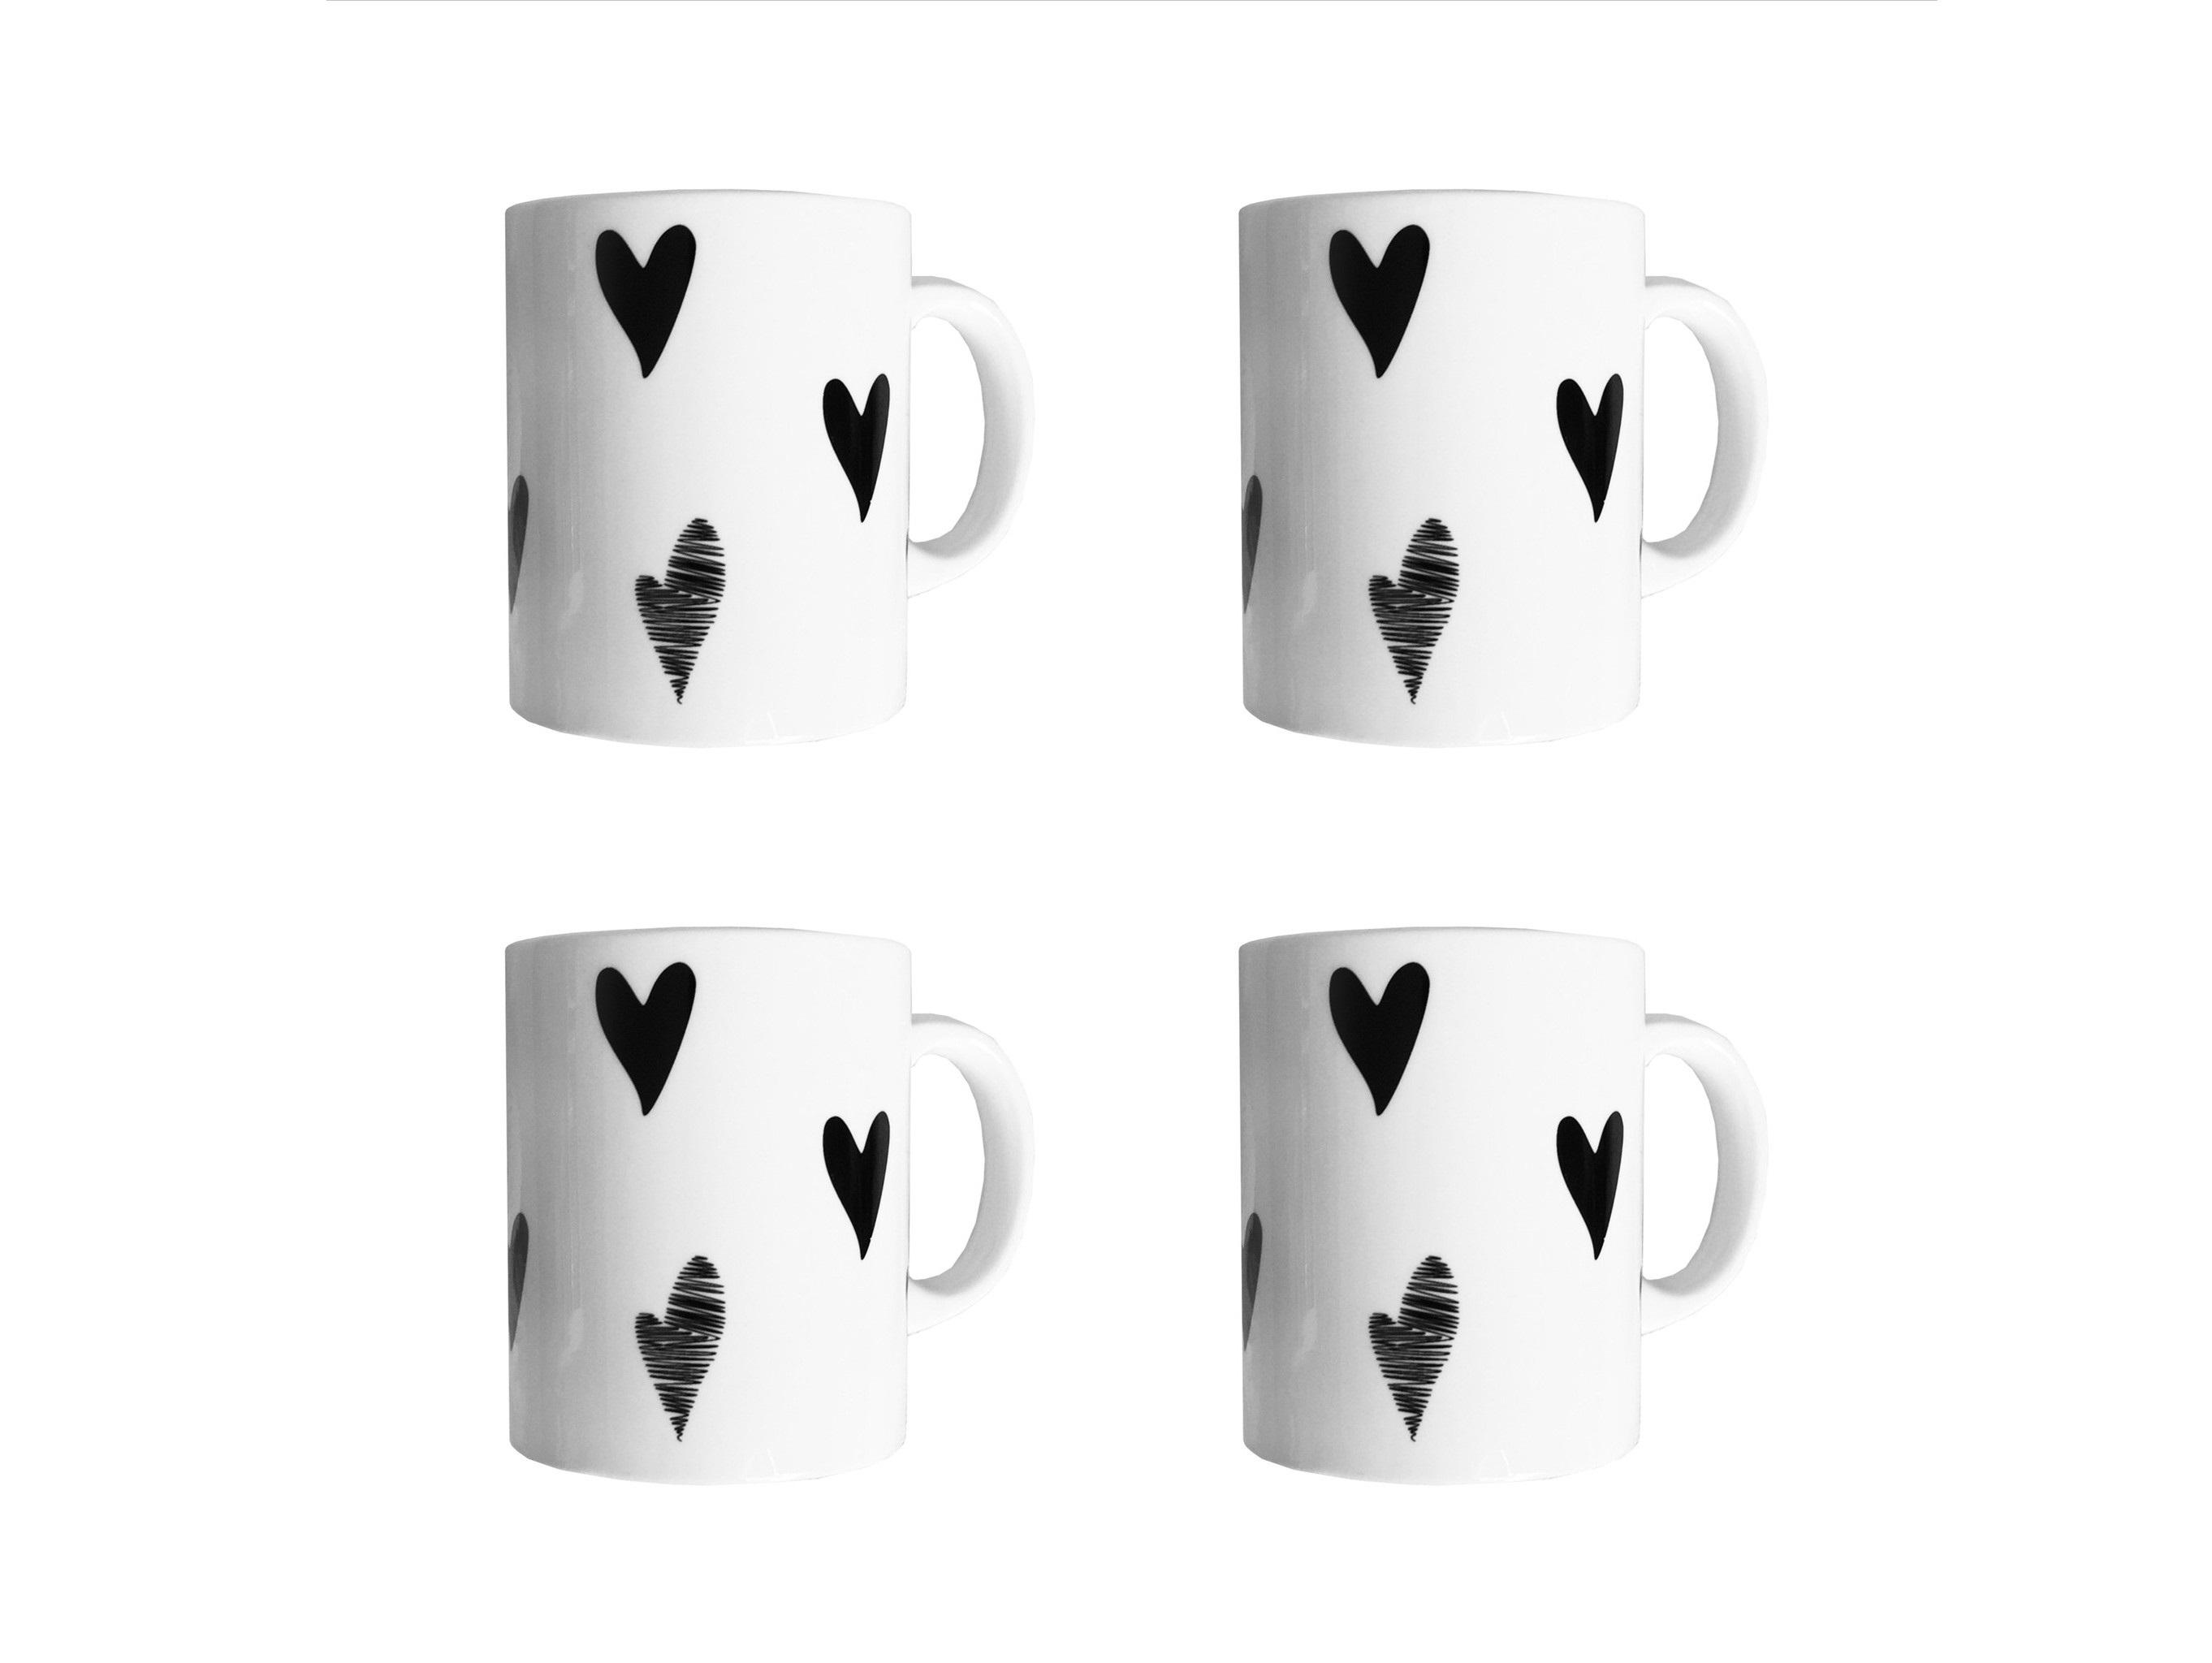 Набор кружек Маленькое сердце Vol.2 (4 шт)Чайные пары, чашки и кружки<br>Посуду можно использовать в микроволновой печи и посудомоечной машине.&amp;amp;nbsp;&amp;lt;div&amp;gt;&amp;lt;br&amp;gt;&amp;lt;/div&amp;gt;&amp;lt;div&amp;gt;В комплект входят: Кружка 300 мл - 4 шт.&amp;lt;/div&amp;gt;<br><br>Material: Фарфор<br>Высота см: 9